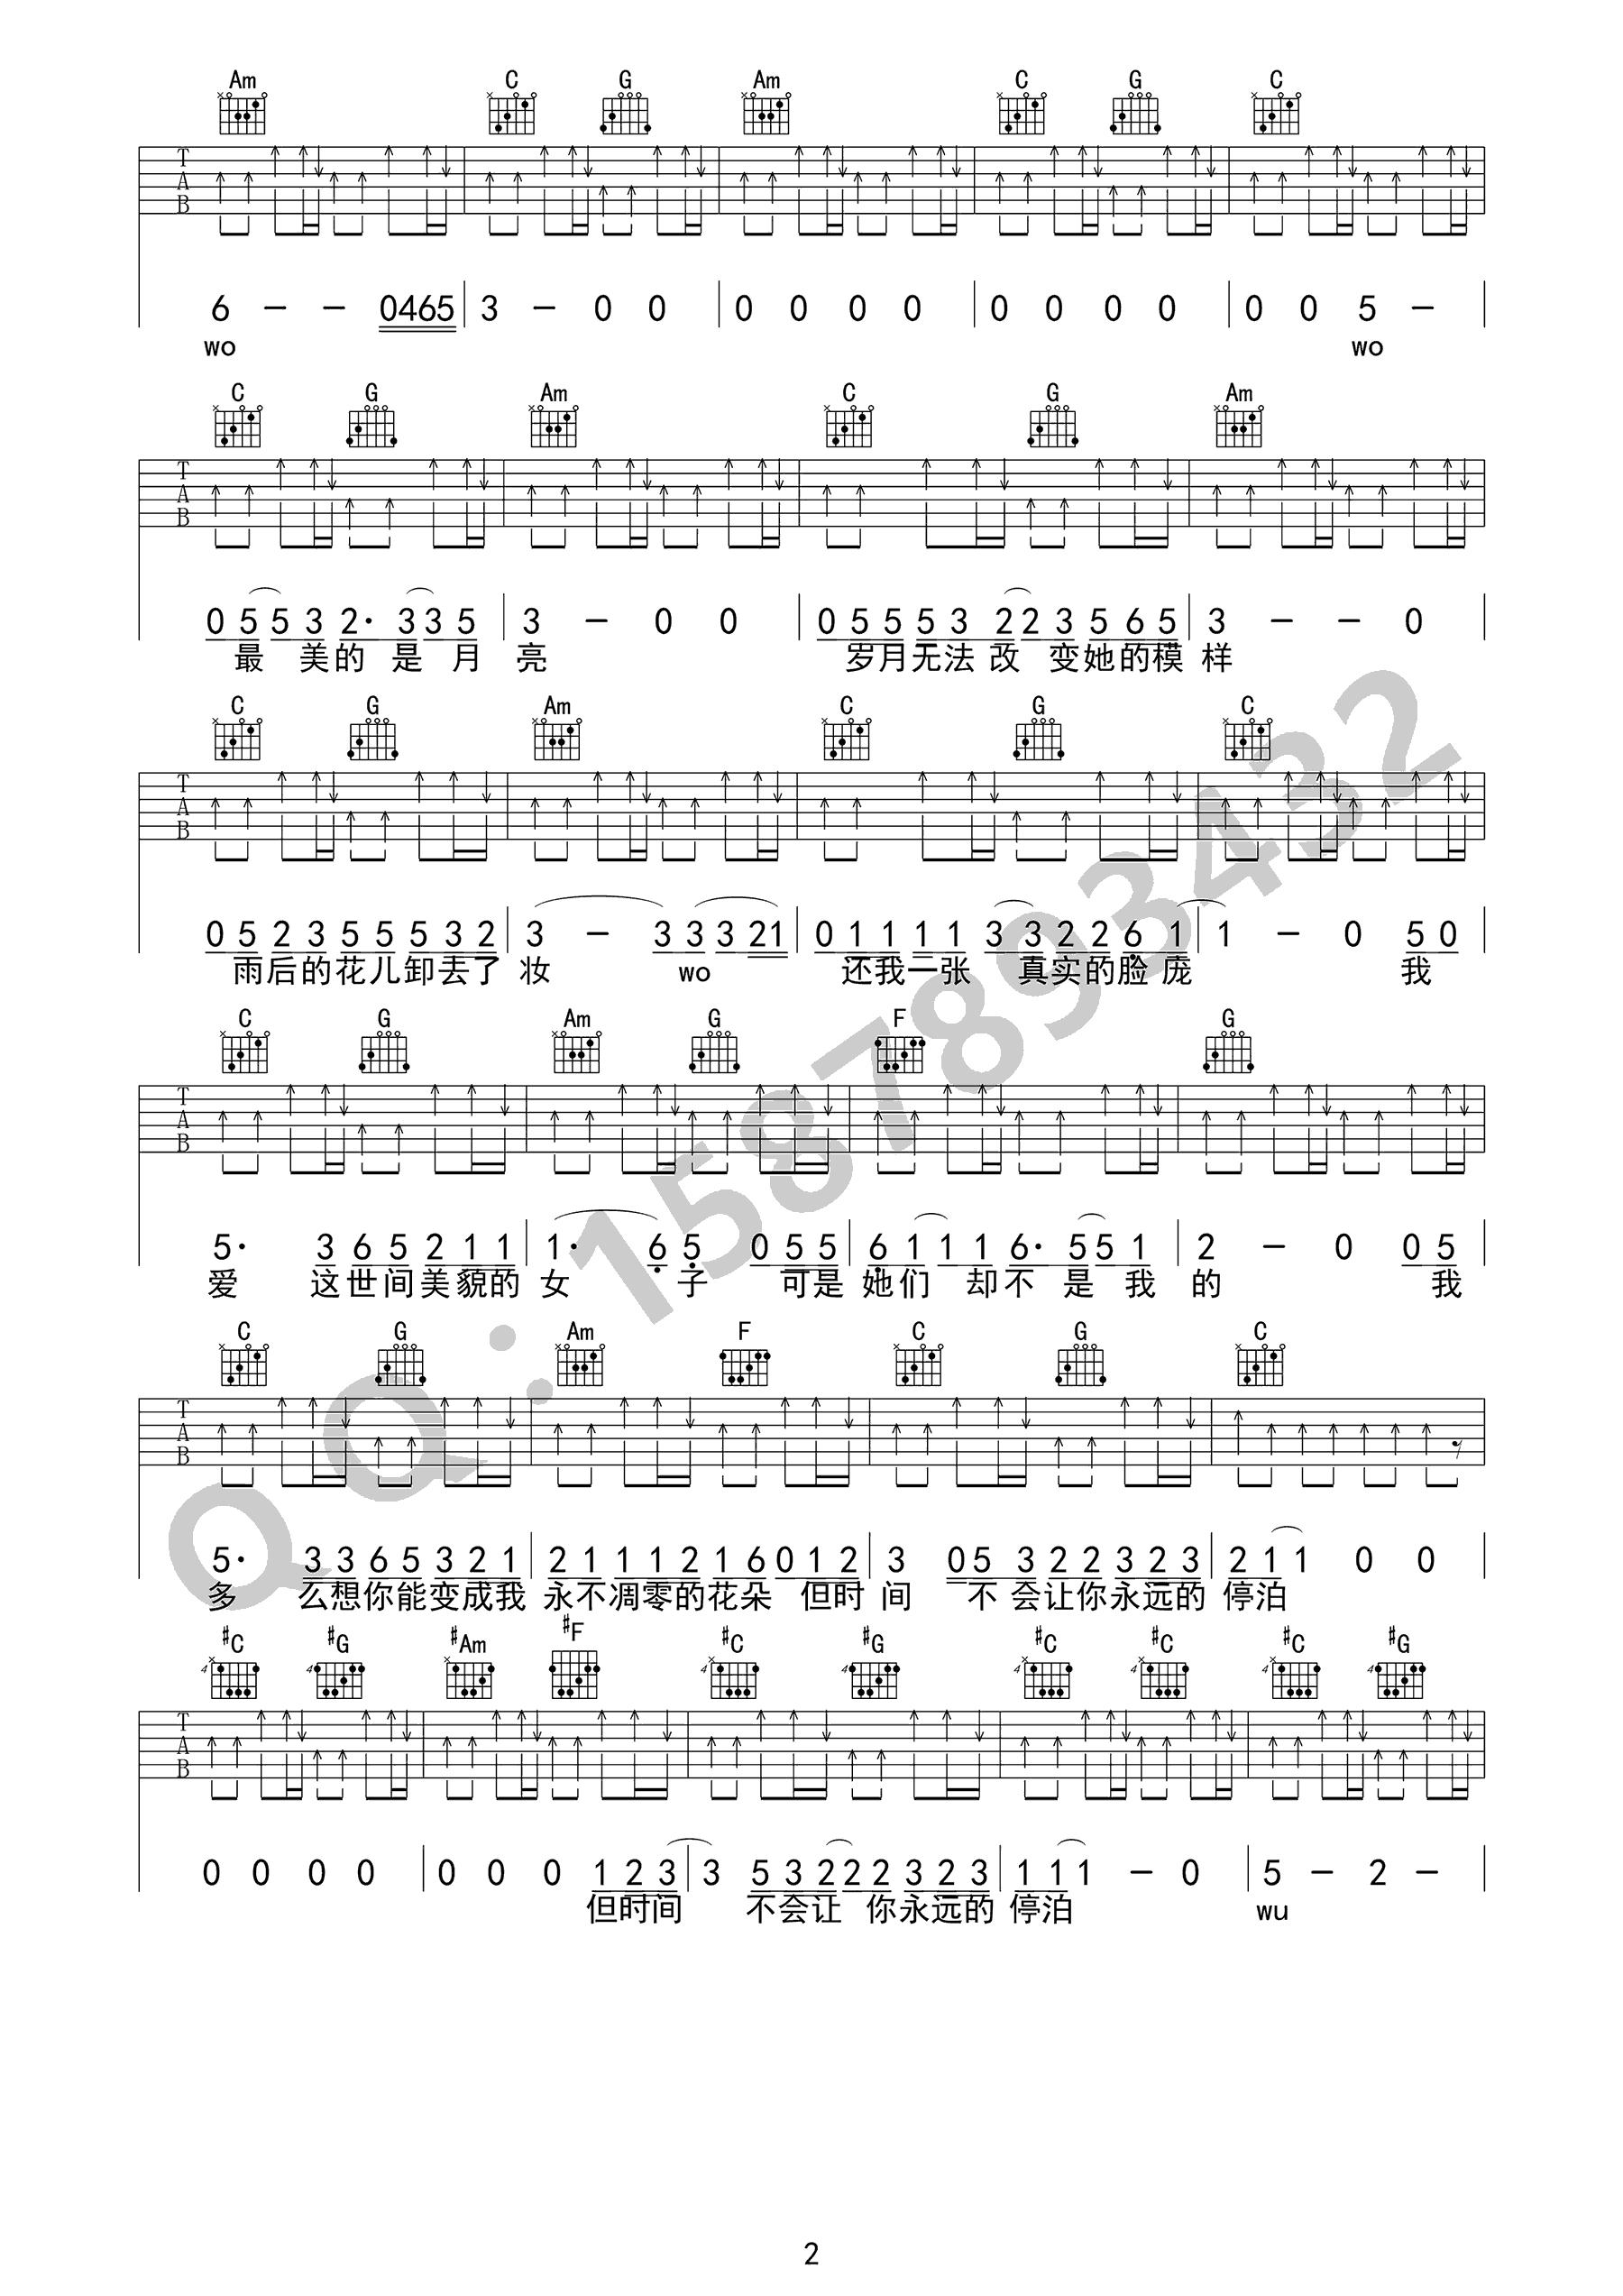 朵儿吉他谱 C调民谣原版弹唱六线谱 - 赵雷